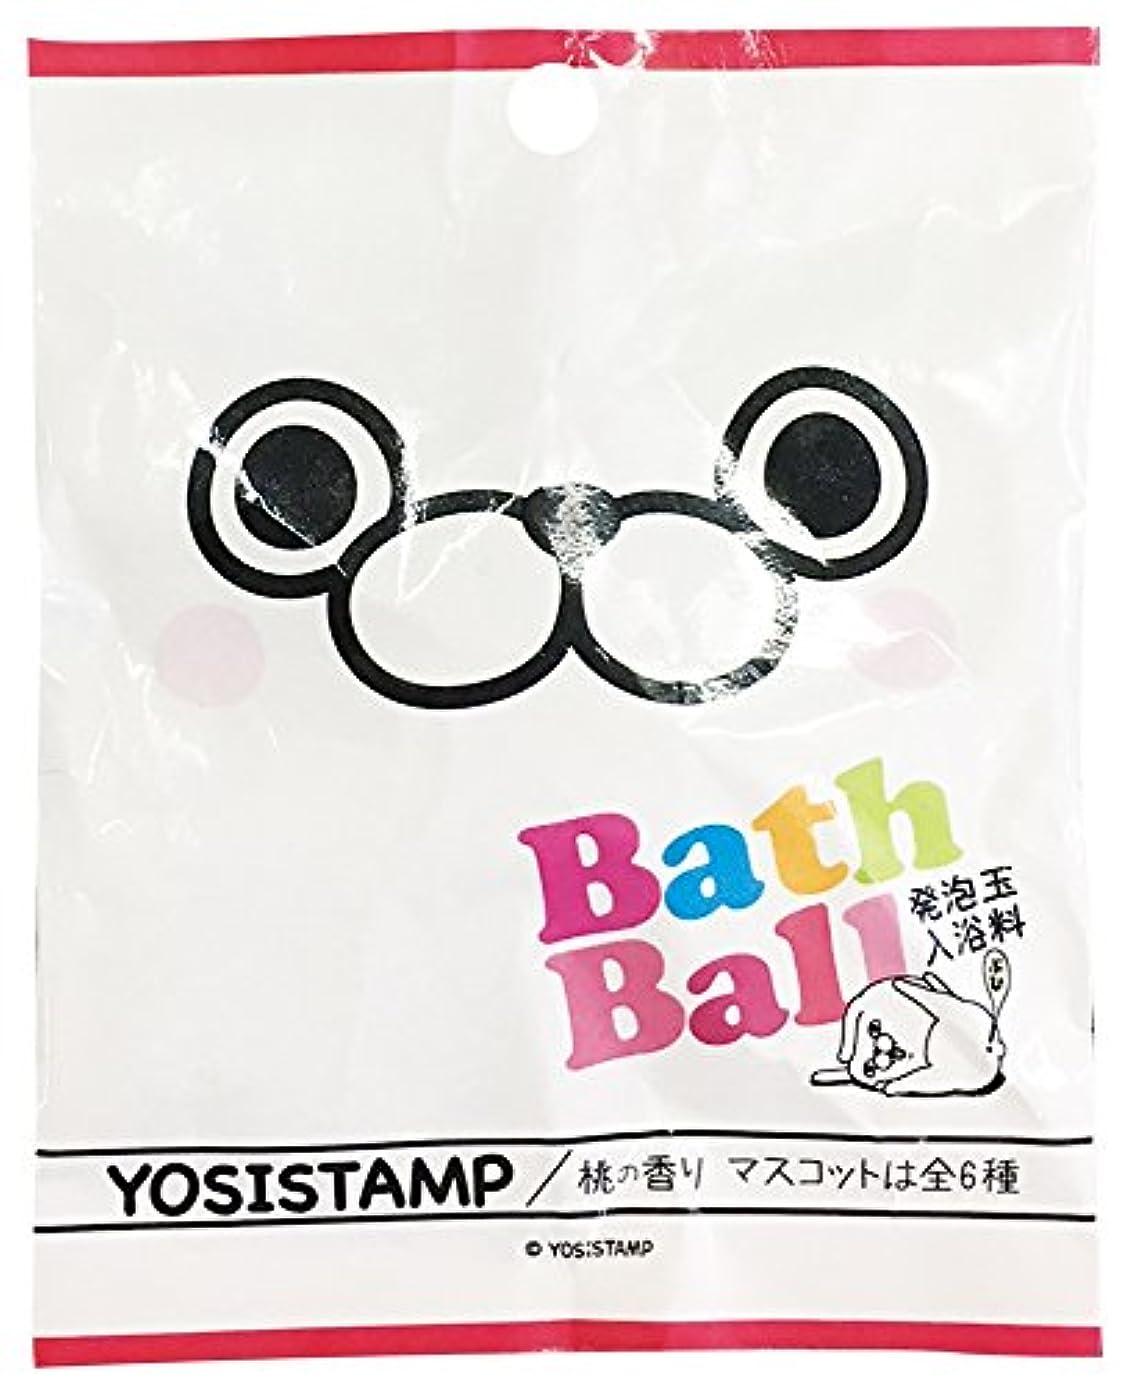 汚染された運動夢ヨッシースタンプ 入浴剤 バスボール おまけ付き 桃の香り ABD-004-001